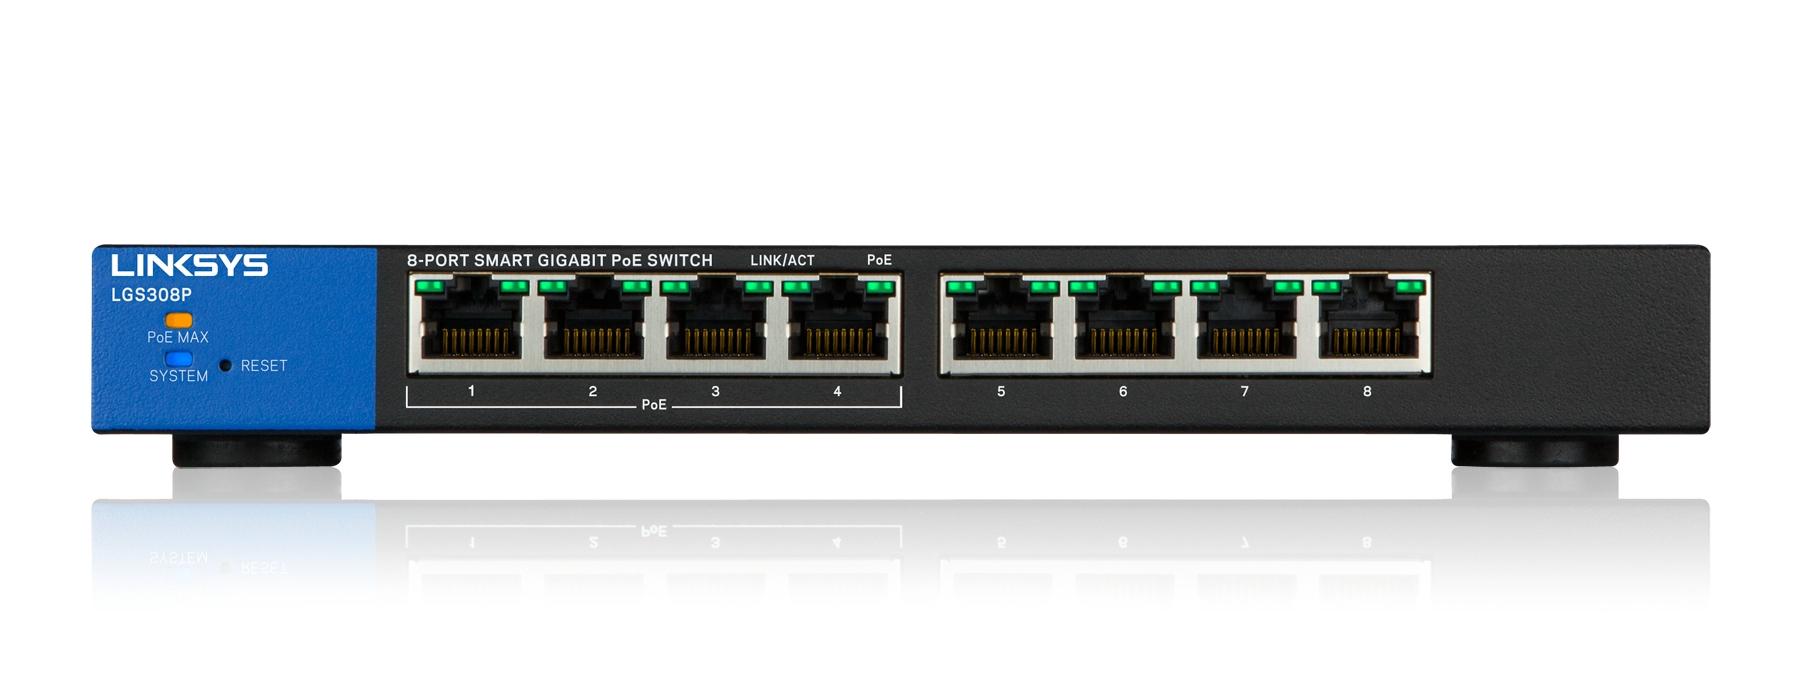 Linksys Smart Switch Gigabit PoE+ de 8 puertos (LGS308P)